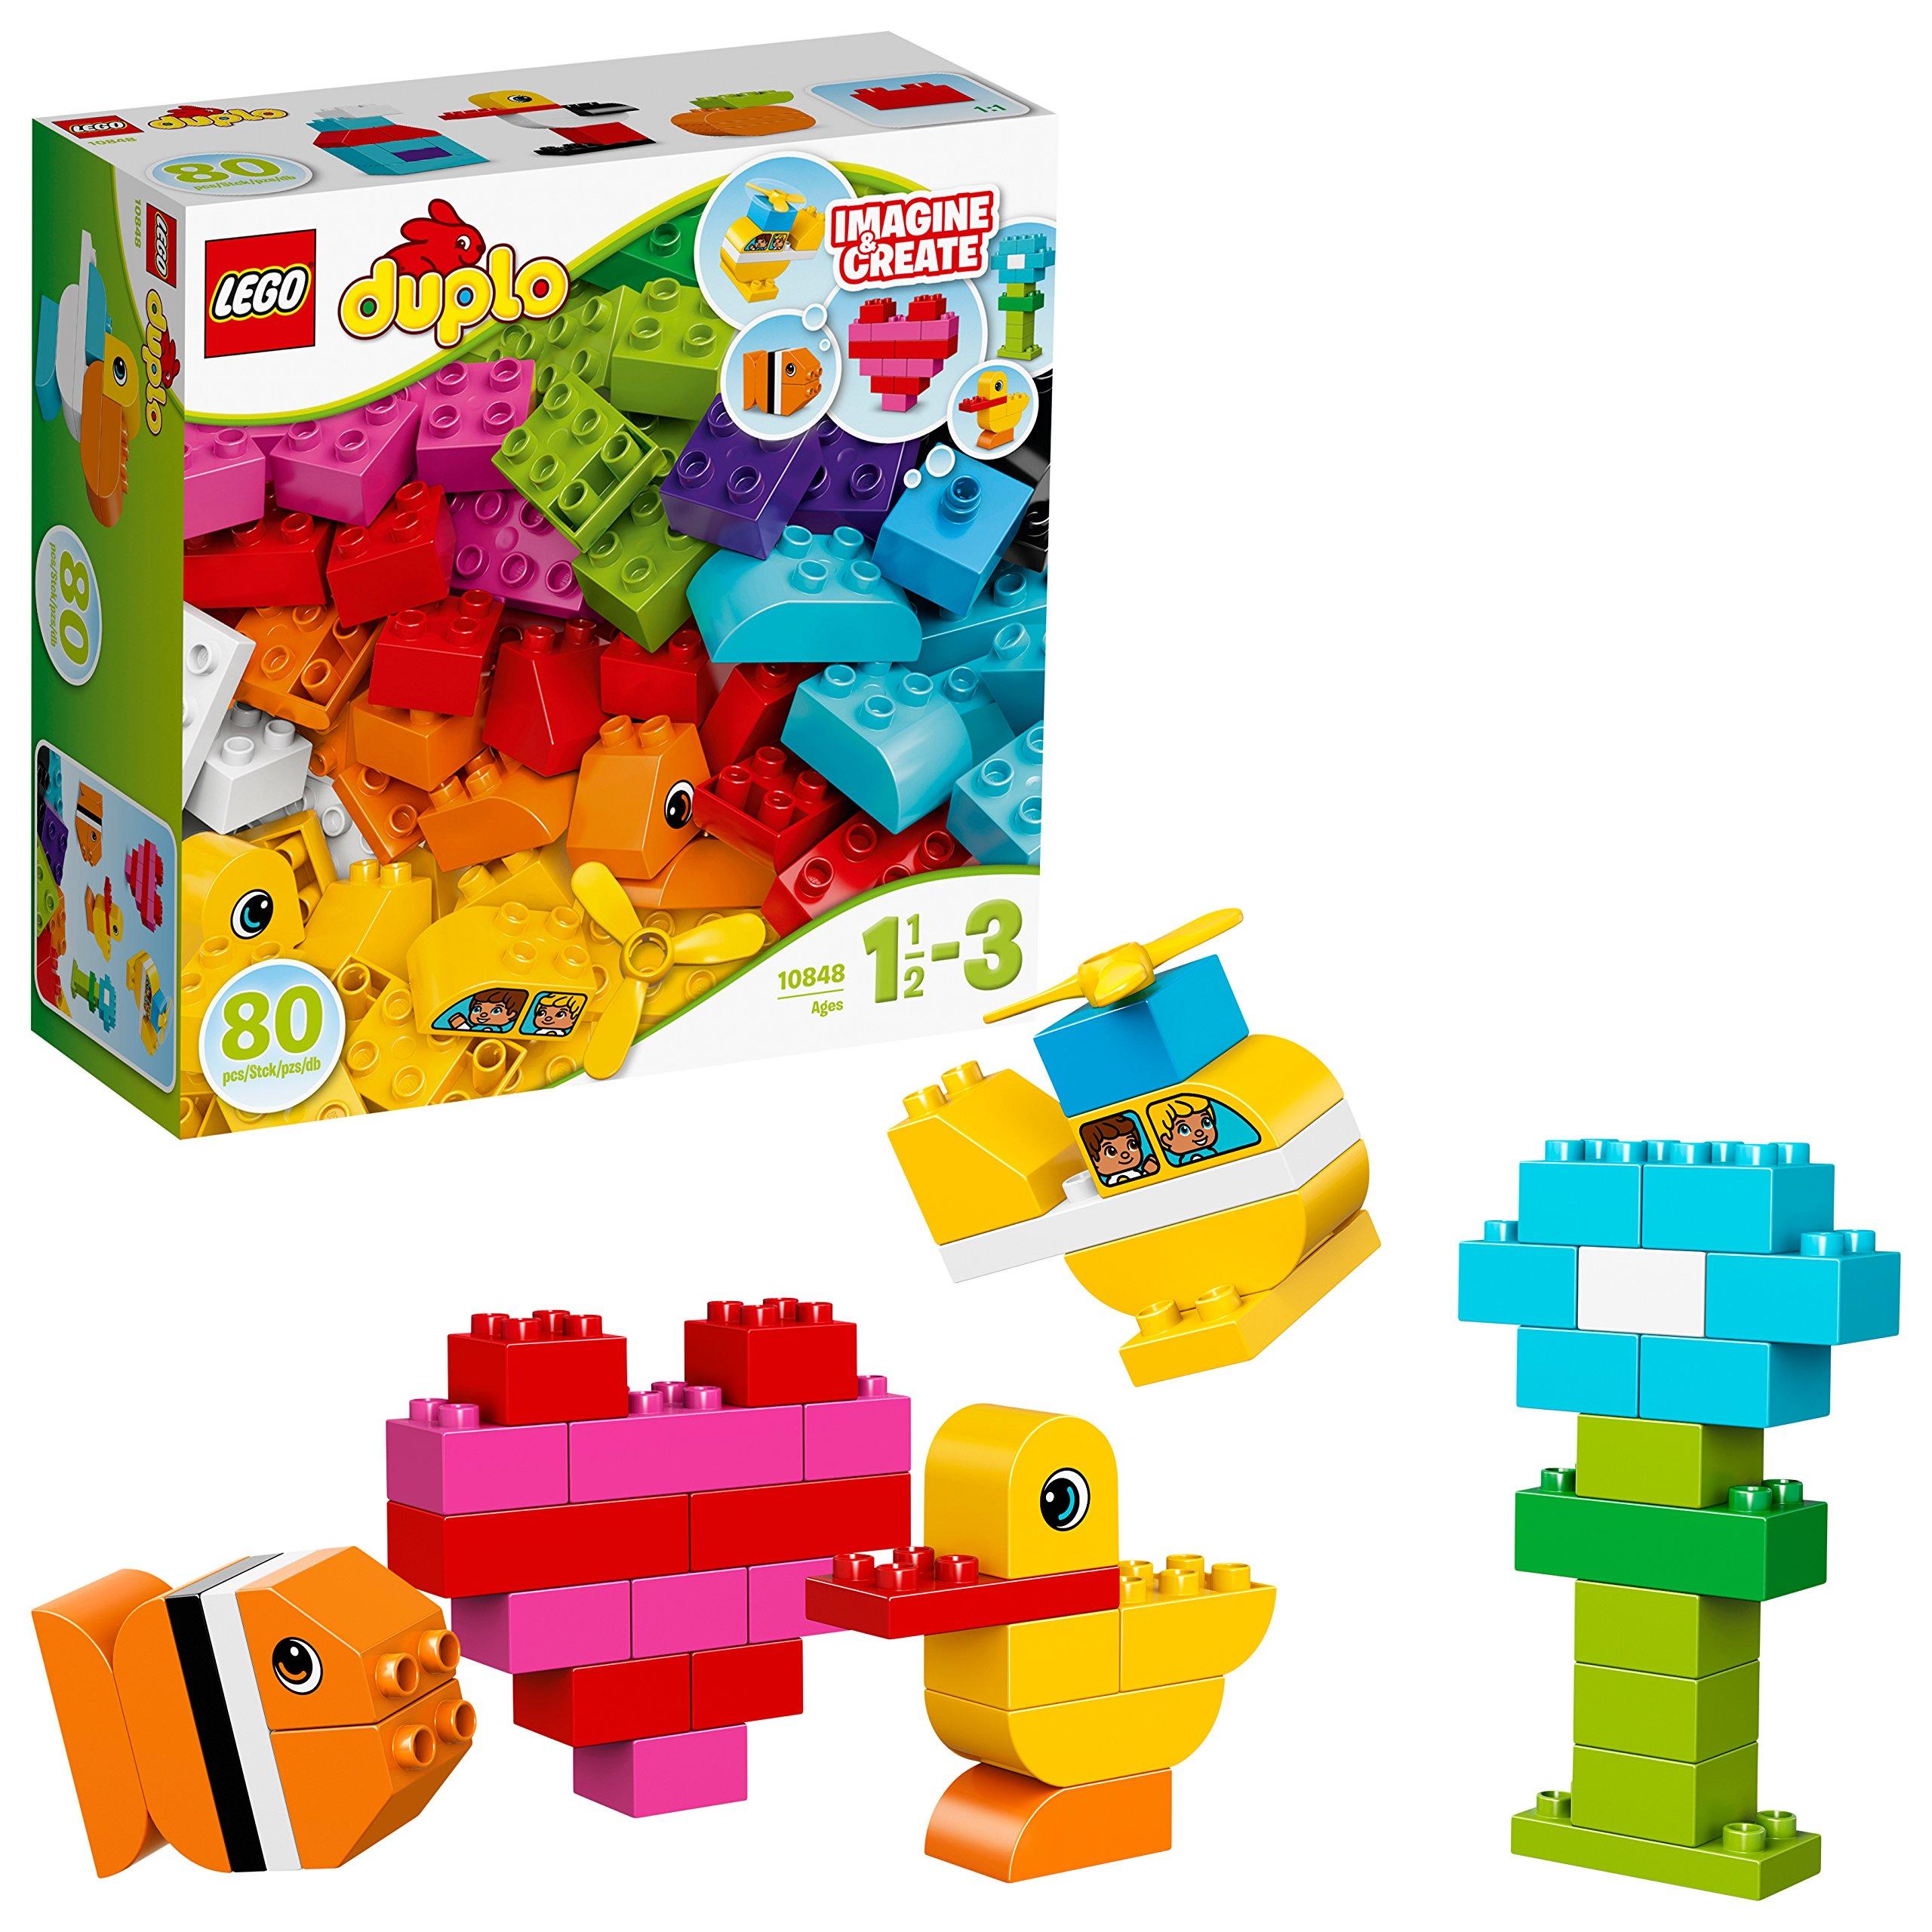 LEGO Duplo 10848 - Set Costruzioni I Miei Primi Mattoncini product image